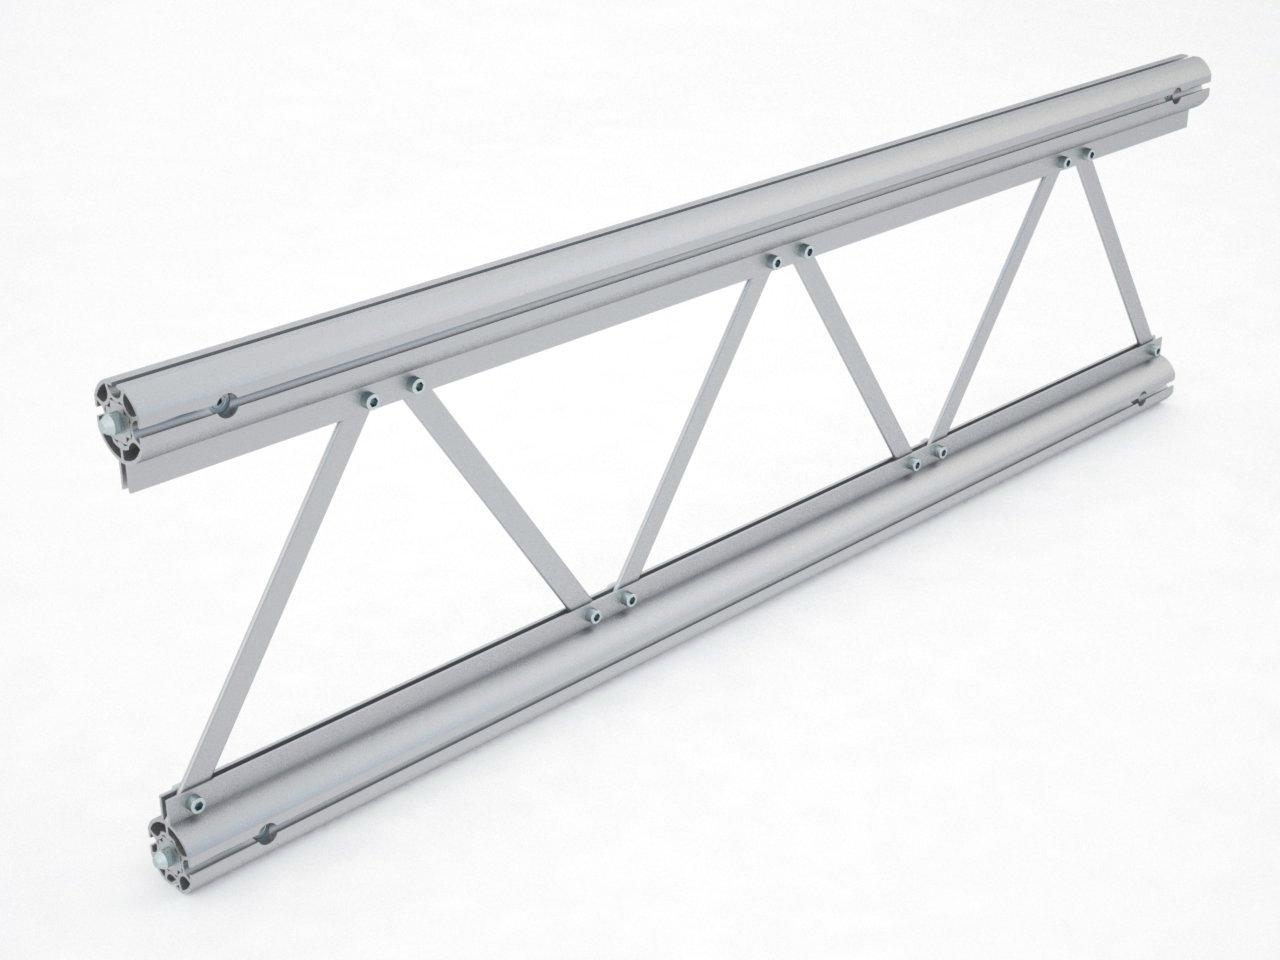 Viga truss em alumínio para montagem de estruturas para feiras e eventos